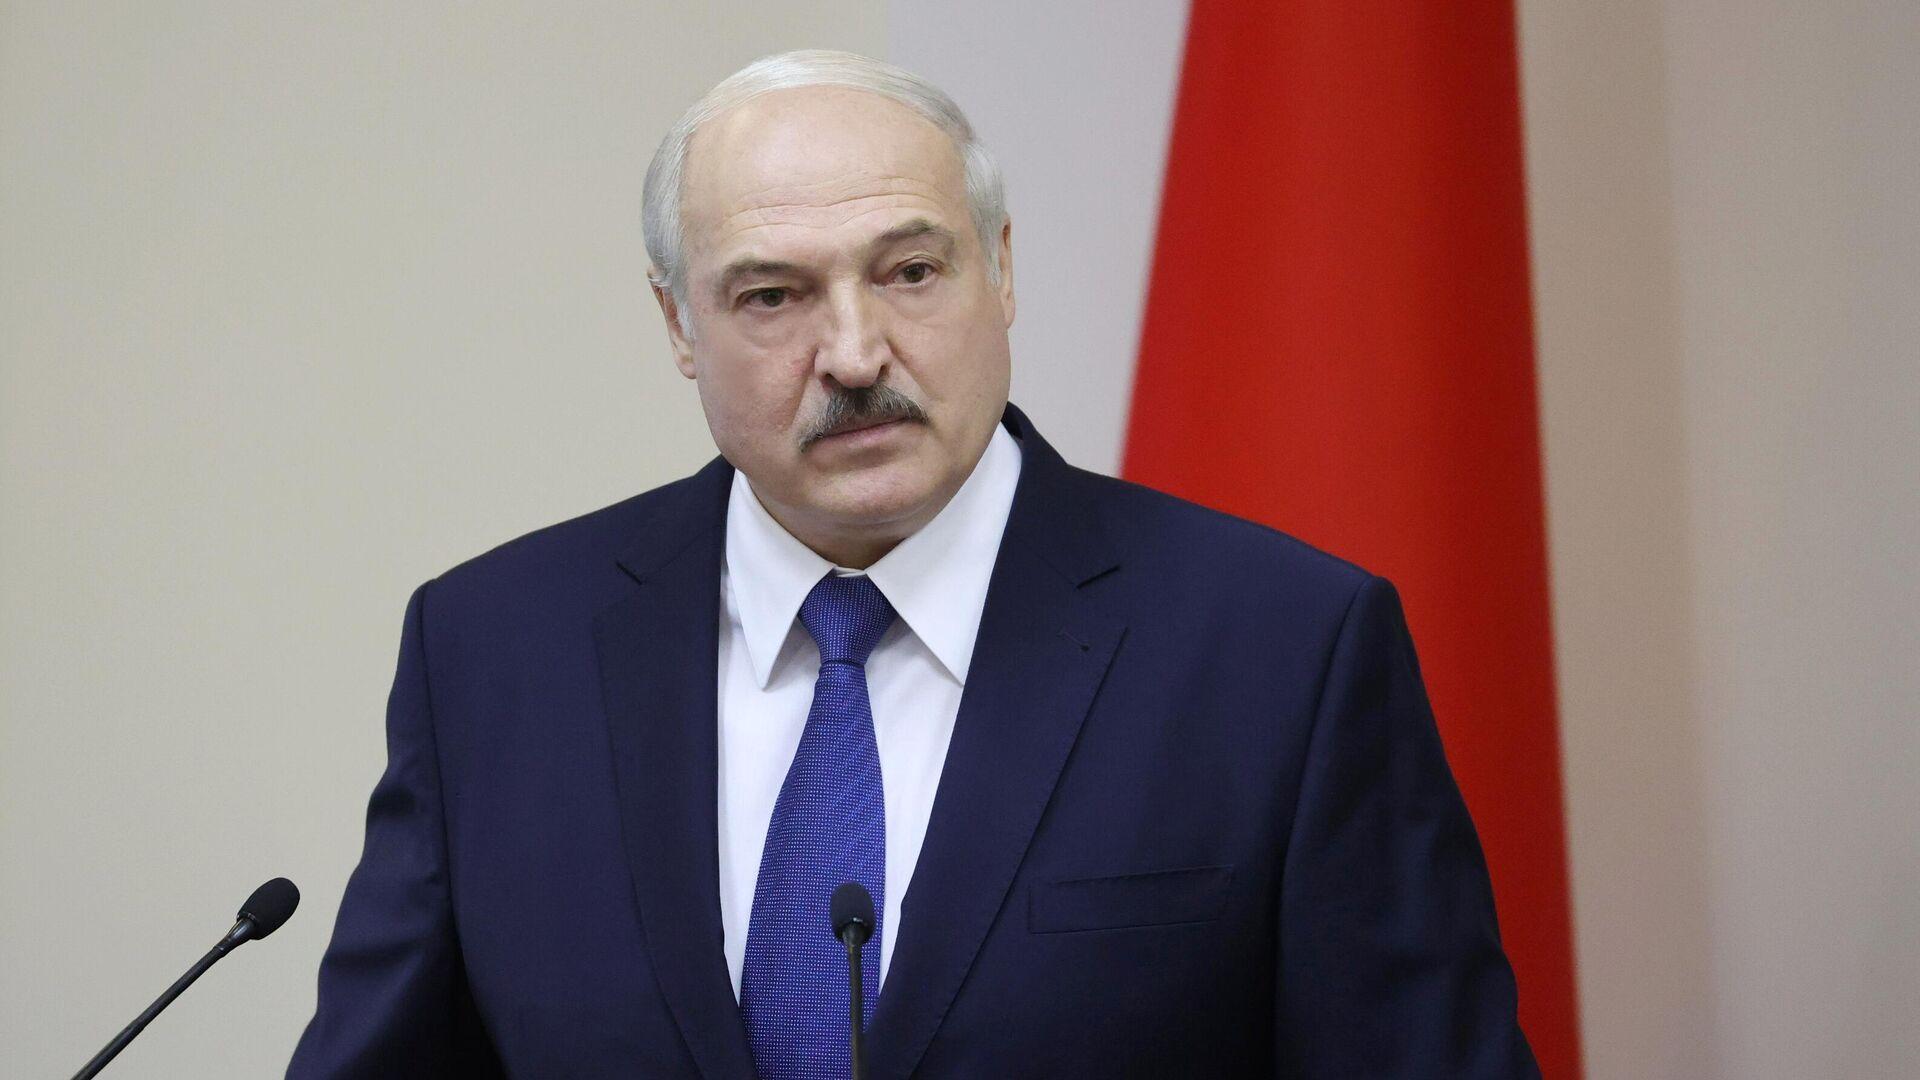 Президент Белоруссии Александр Лукашенко - РИА Новости, 1920, 22.09.2020